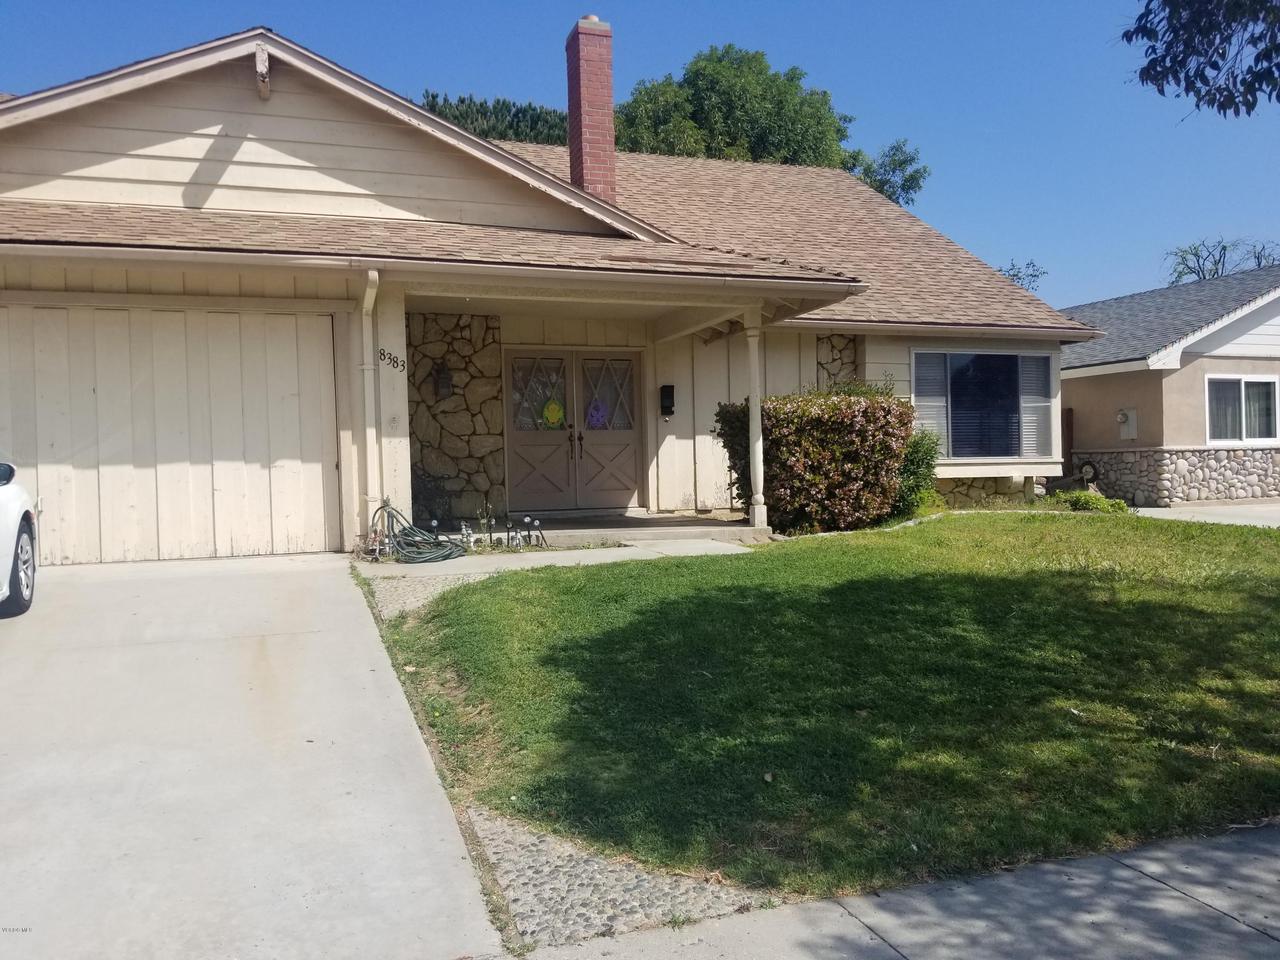 8383 EUREKA, Ventura, CA 93004 - 8383 Eureka